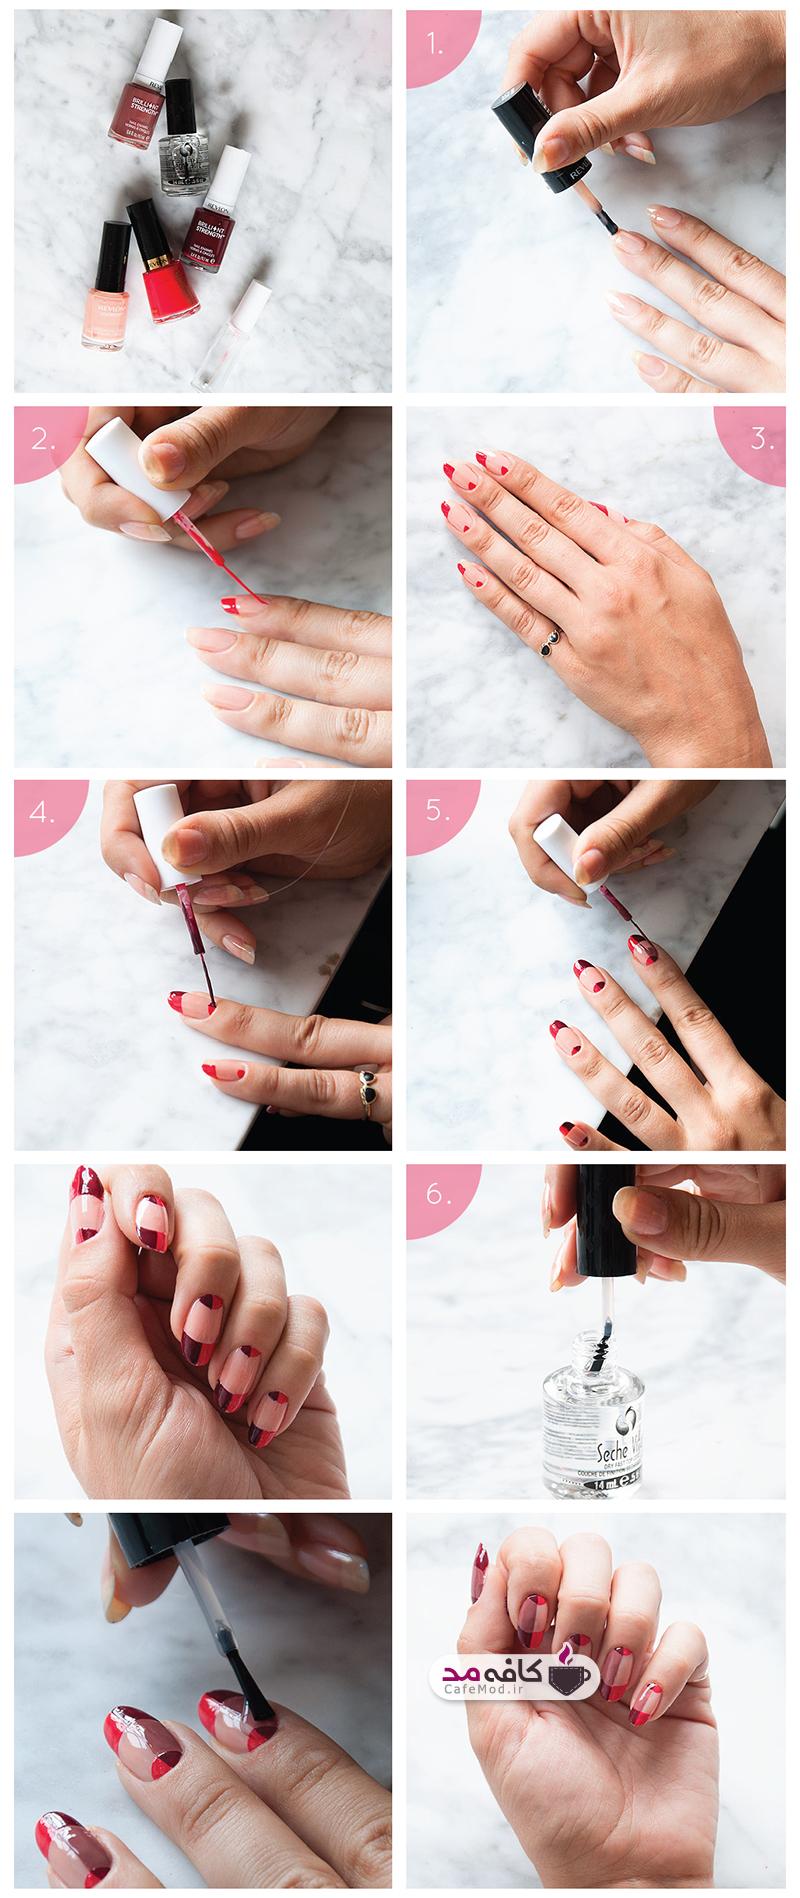 آموزش آرایش ناخن دو رنگ